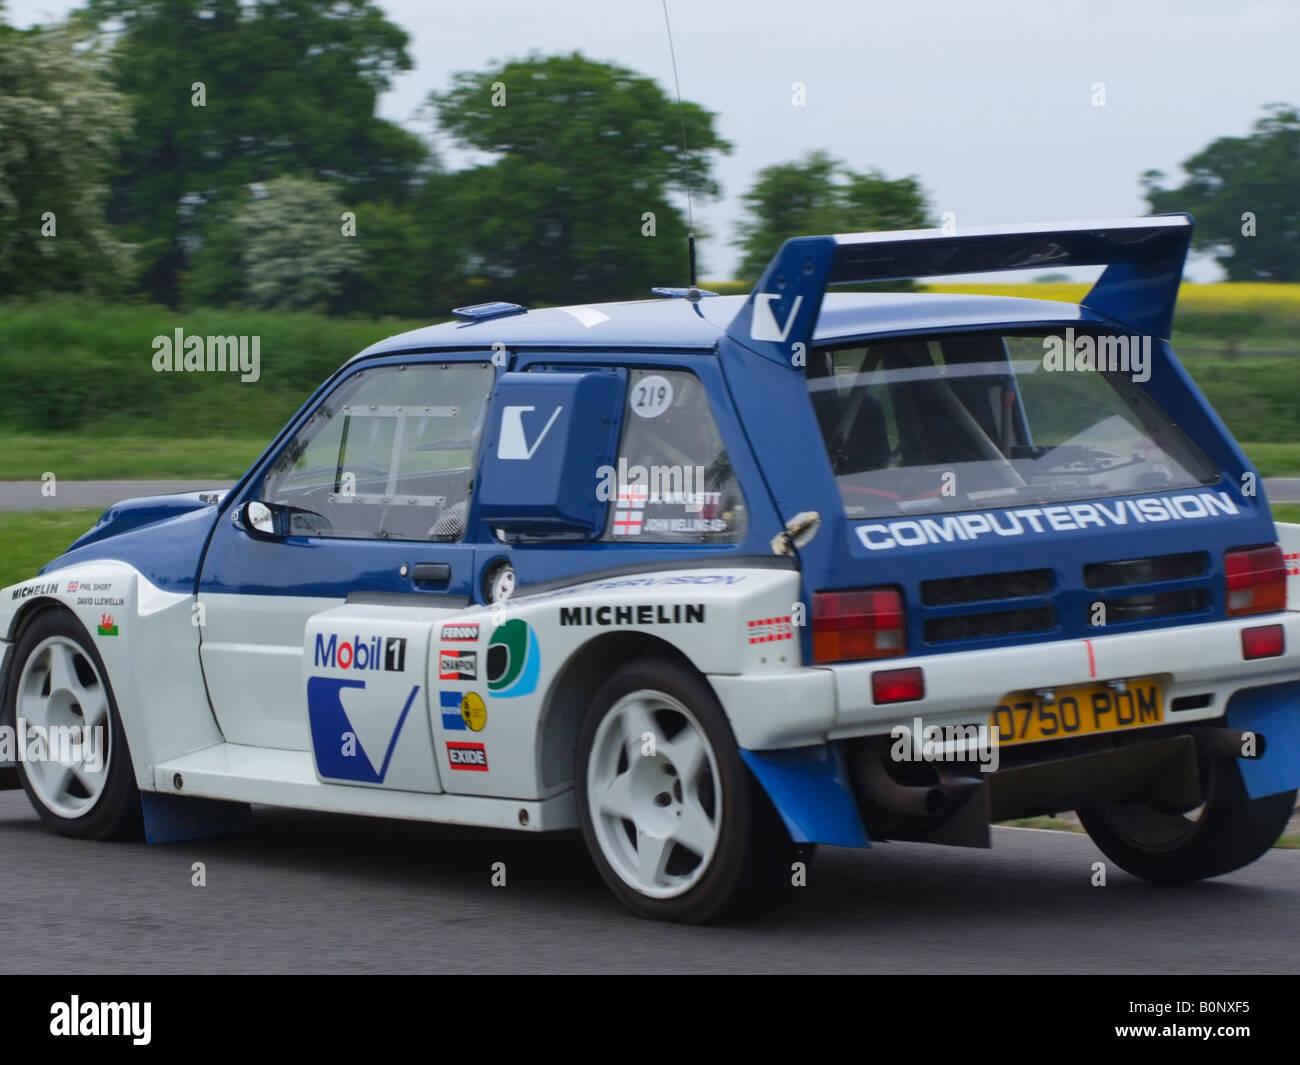 Computervision British Leyland MG Metro 6R4 Historic Rally Car at ...